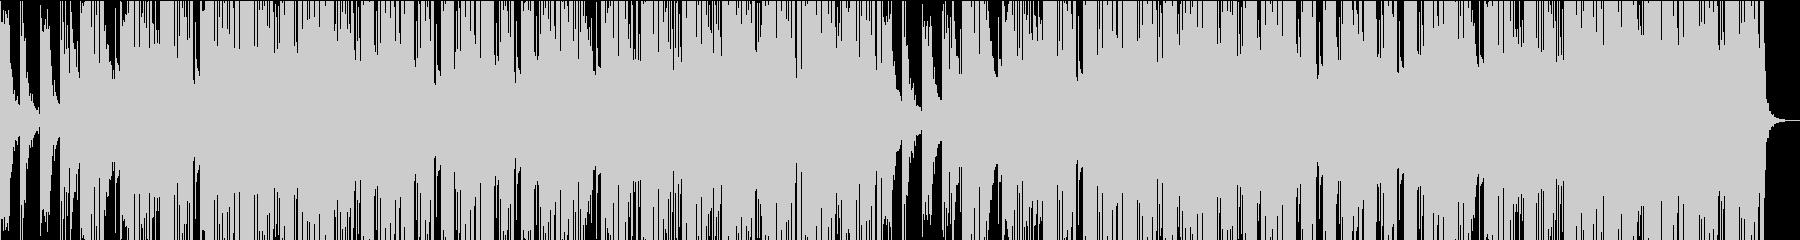 ゆったりとしたフューチャーベースの未再生の波形